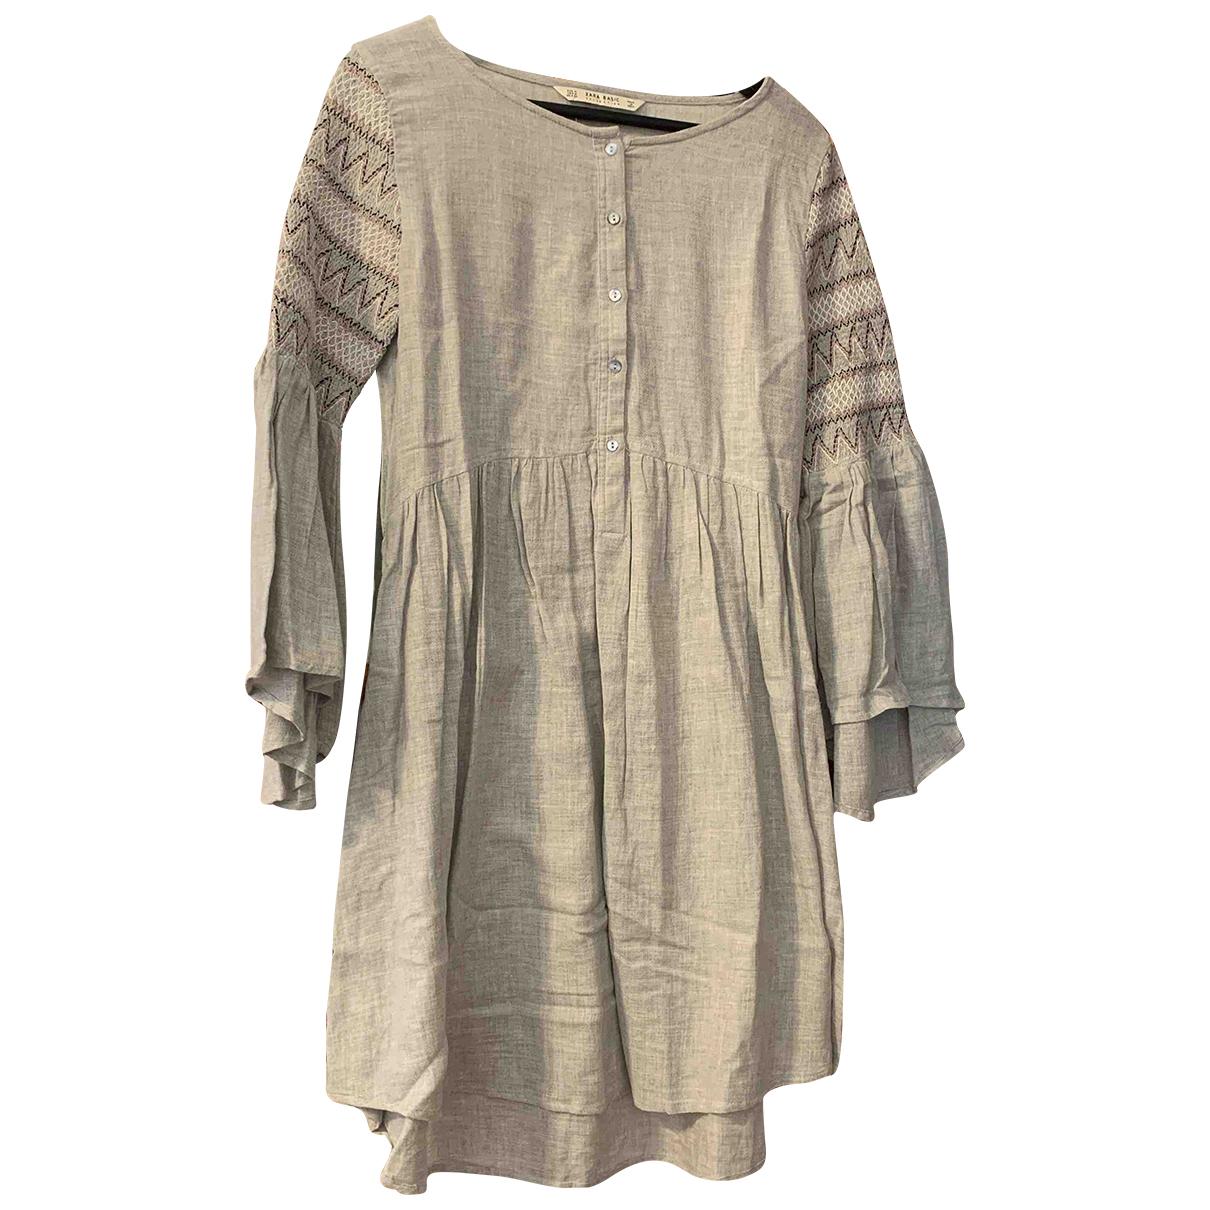 Zara \N Kleid in  Grau Baumwolle